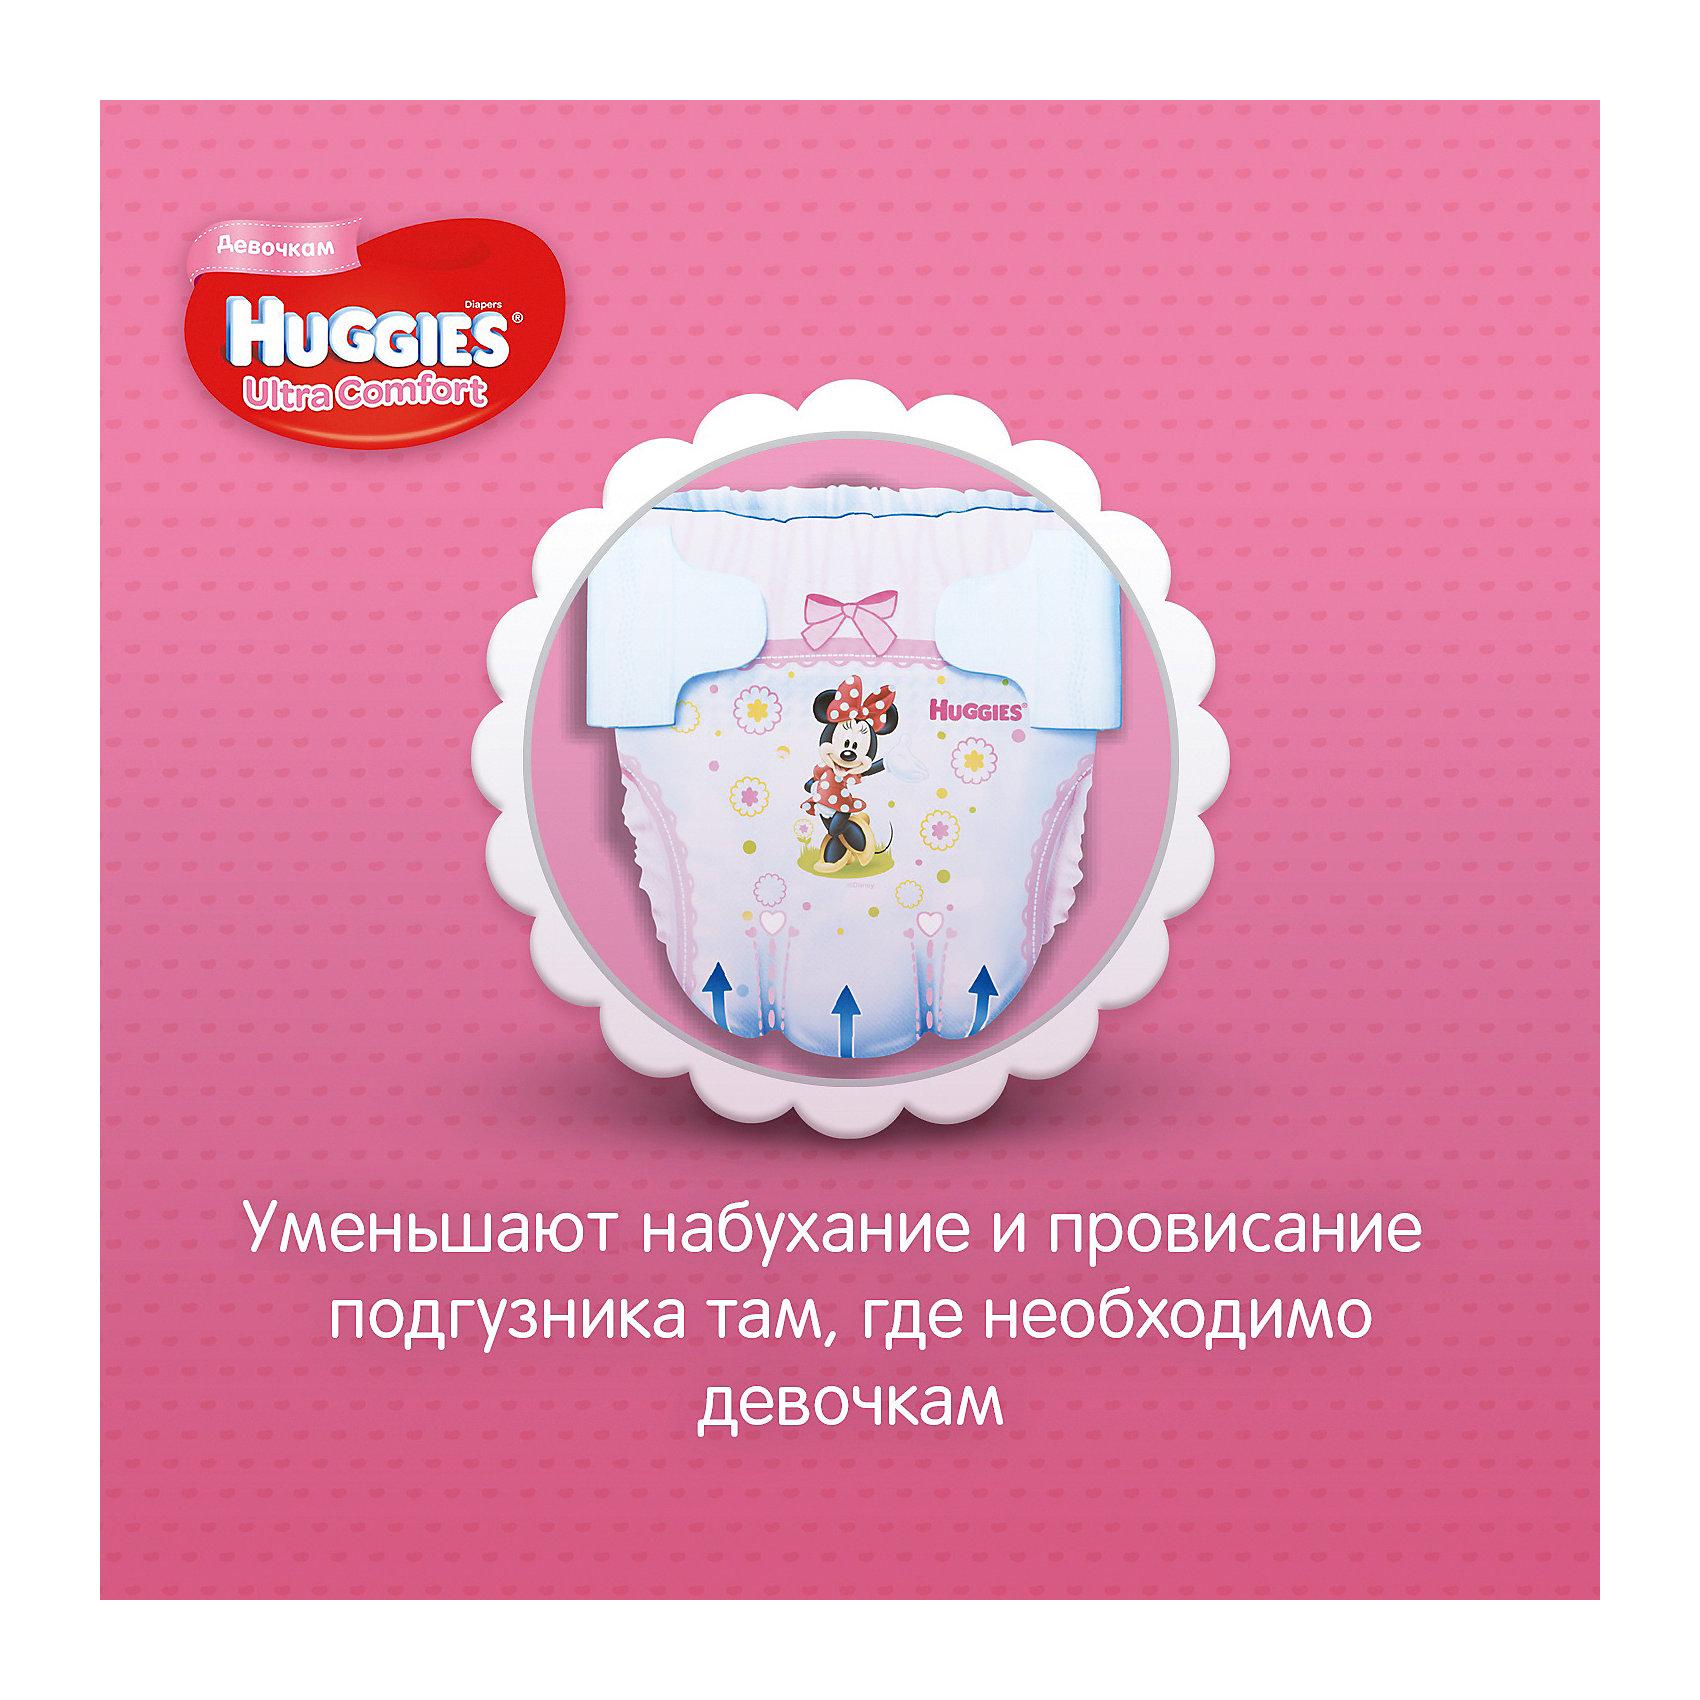 Подгузники Huggies Ultra Comfort 3 Giga Pack для девочек, 5-9 кг, 94 шт. от myToys